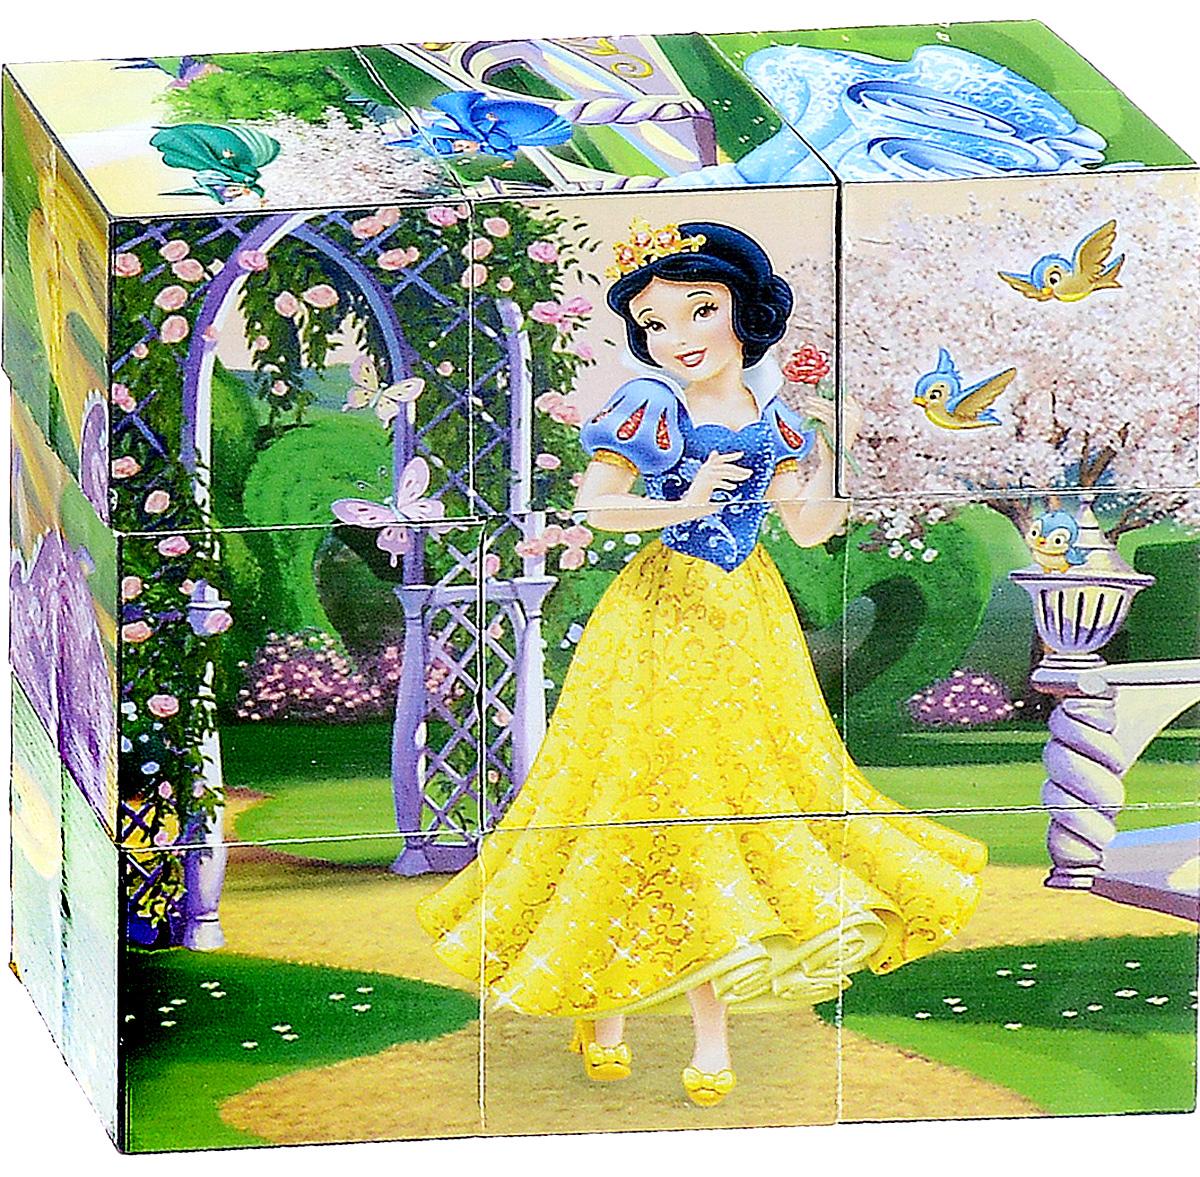 Играем вместе Кубики Disney Принцесса 0200902009С помощью девяти кубиков Играем вместе Disney Принцесса ребенок сможет собрать целых шесть красочных картинок с изображением диснеевских принцесс. Кубики - самая популярная и самая необходимая игрушка для малыша. Игра с кубиками развивает зрительное восприятие, наблюдательность и внимание, мелкую моторику рук и произвольные движения. Ребенок научится складывать целостный образ из частей, определять недостающие детали изображения. Это прекрасный комплект для развлечения и времяпрепровождения с пользой для малыша.